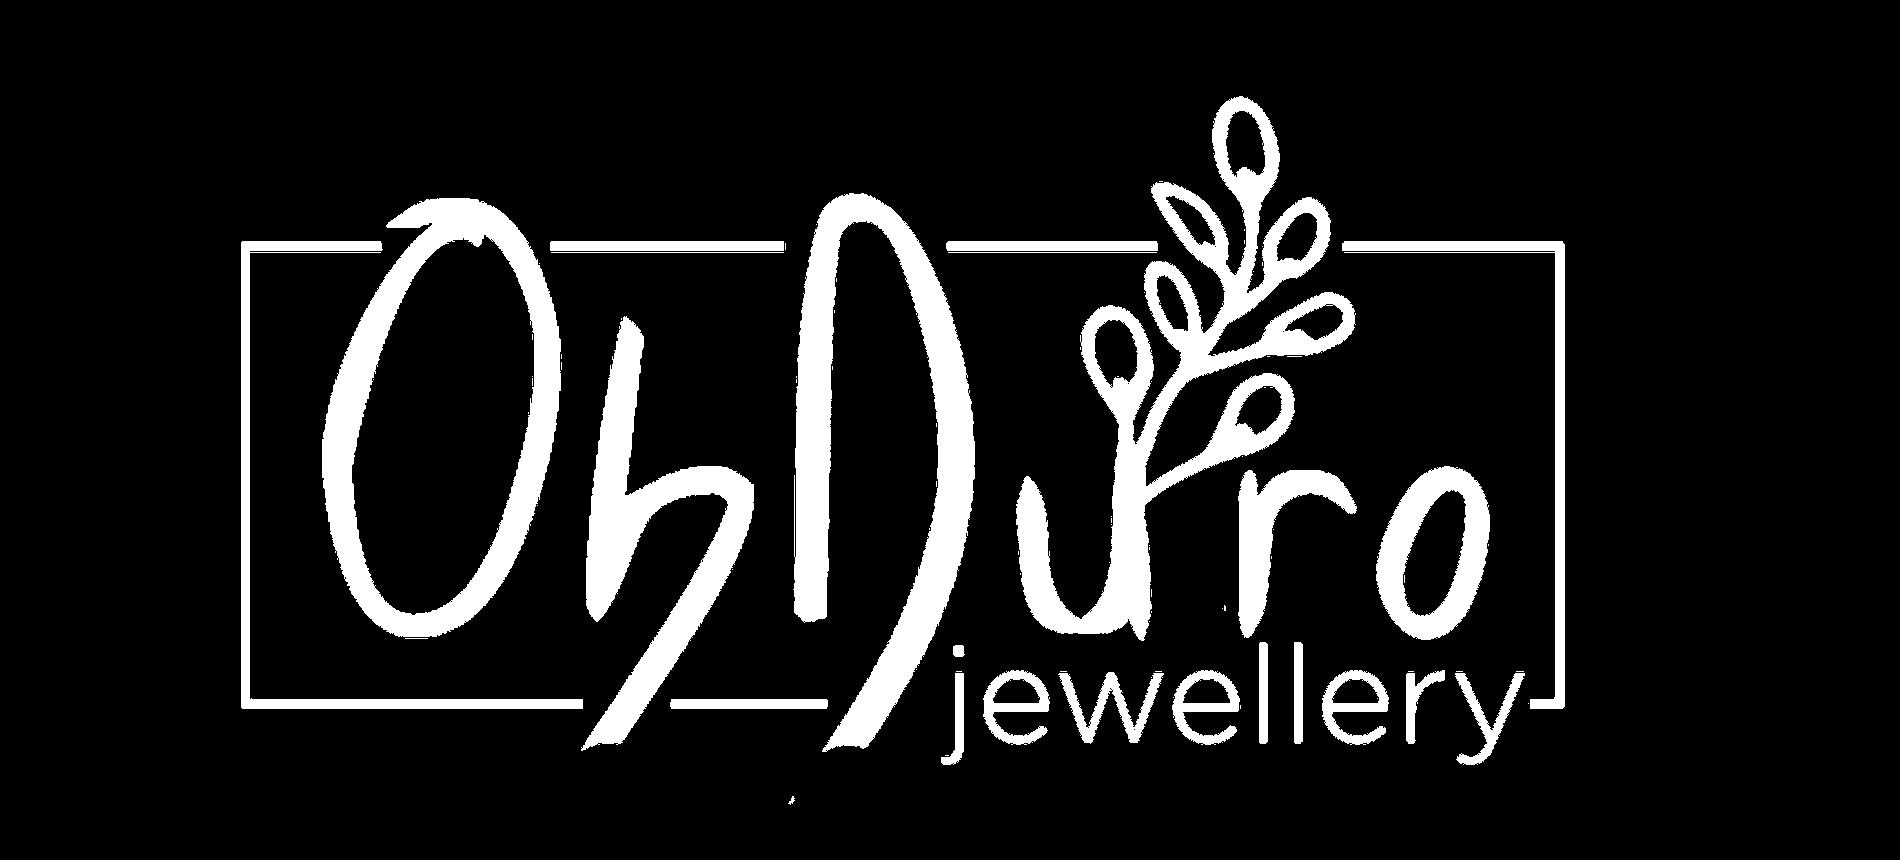 ObDuro Jewellery